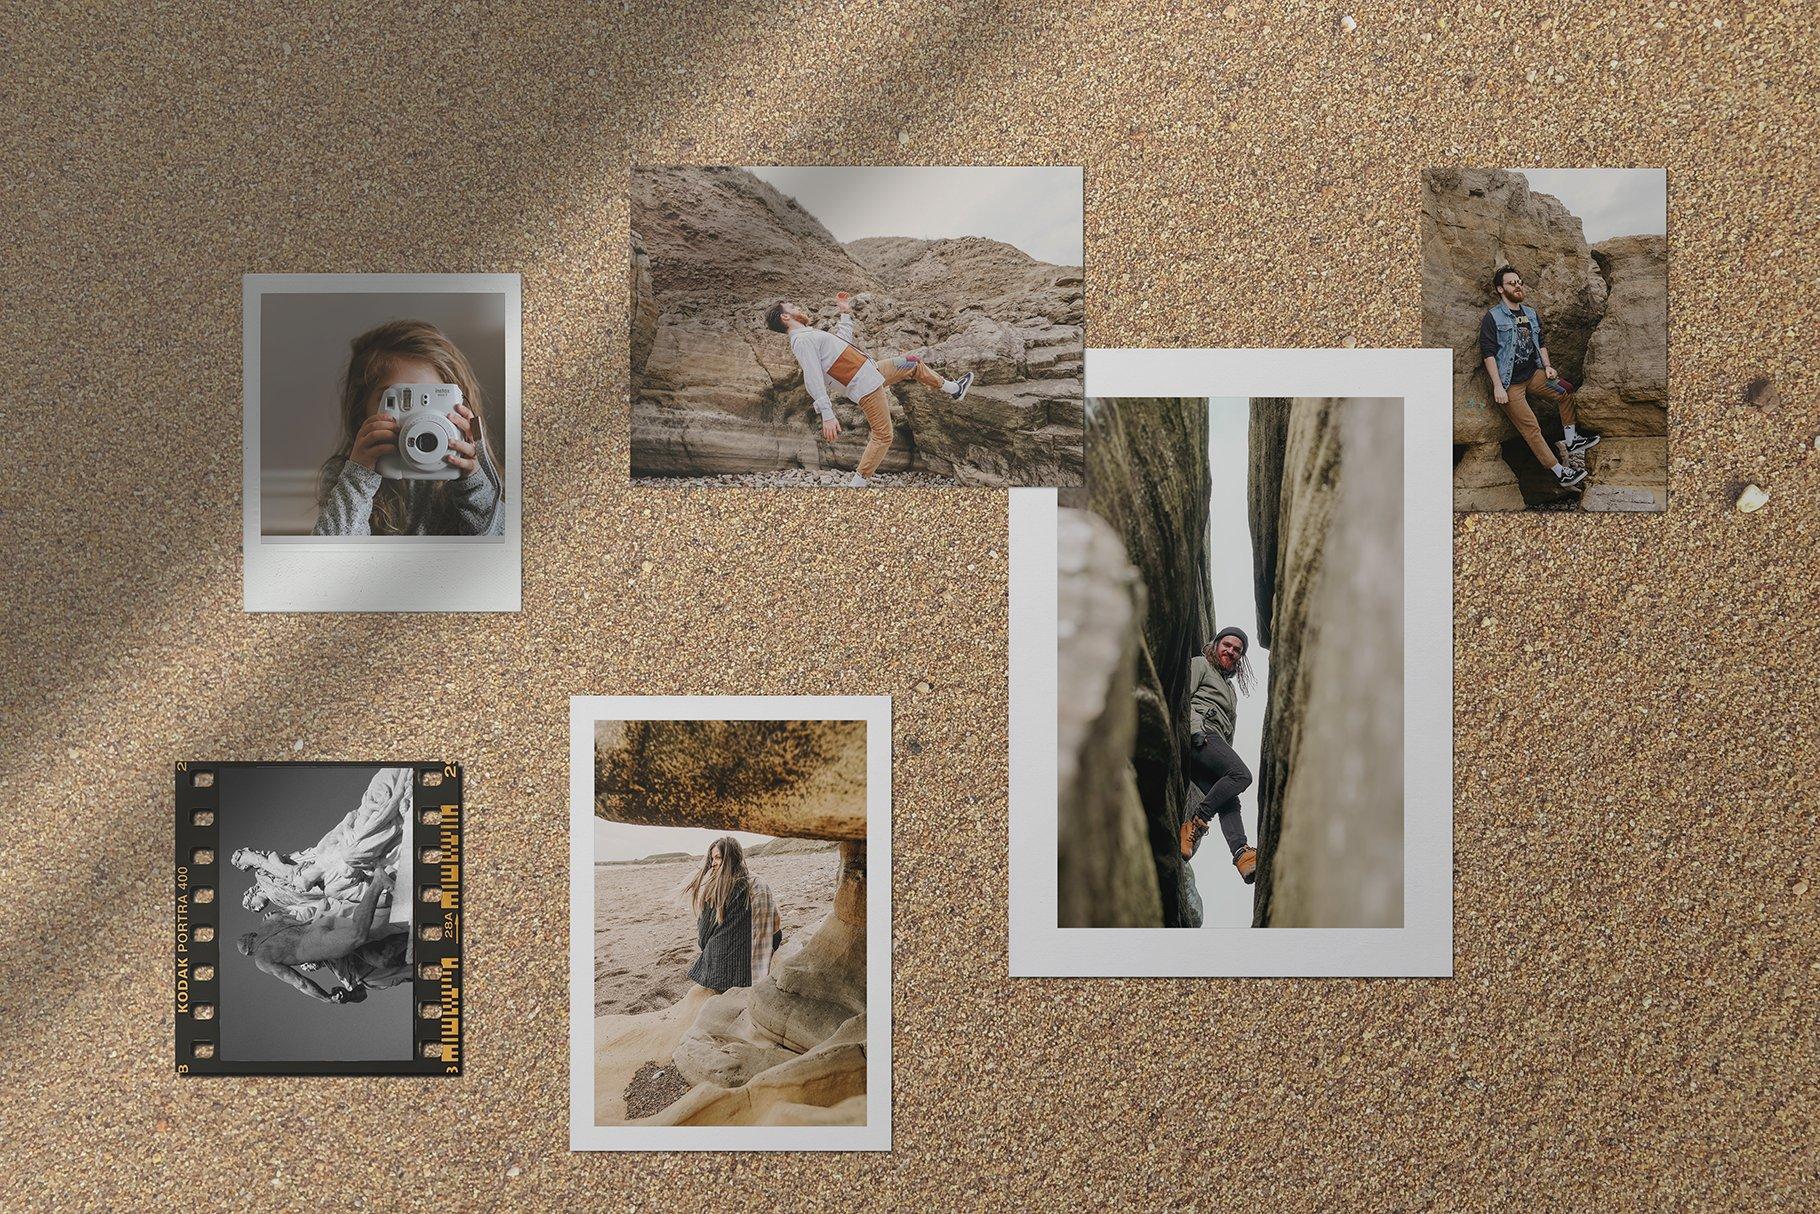 时尚优雅剪贴相片情绪版卡片设计展示智能贴图样机PSD模板 Moodboard Mockup Kit插图(5)